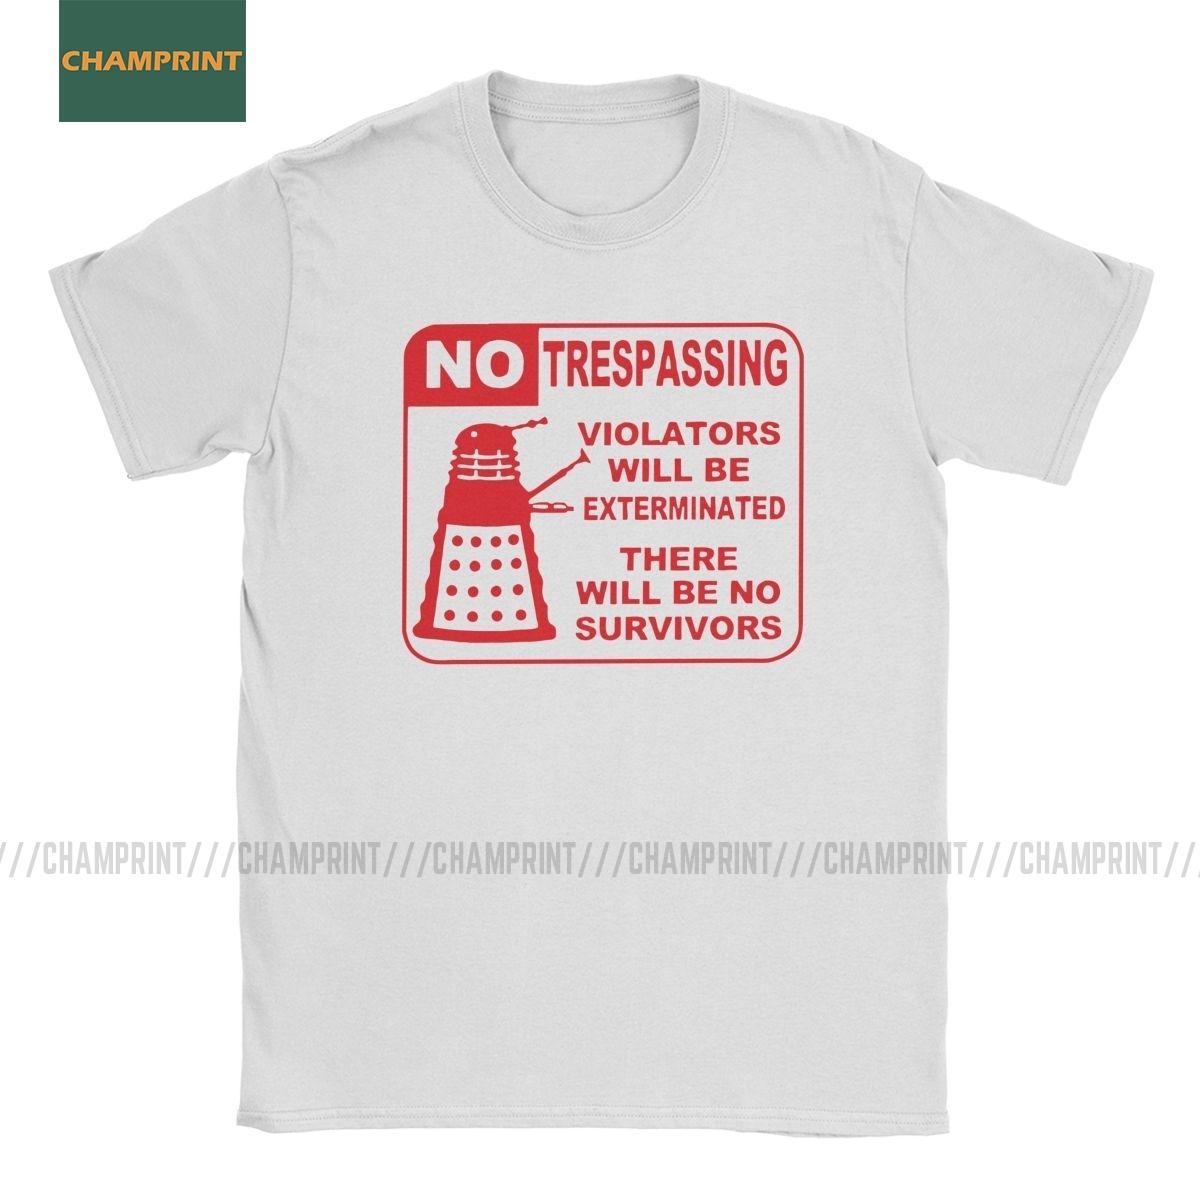 Sinais de perigo Doctor Who homens camisetas Blue Box Tardis Gallifrey Timelord camiseta de manga curta T-shirt de algodão 4xl 5XL Tops